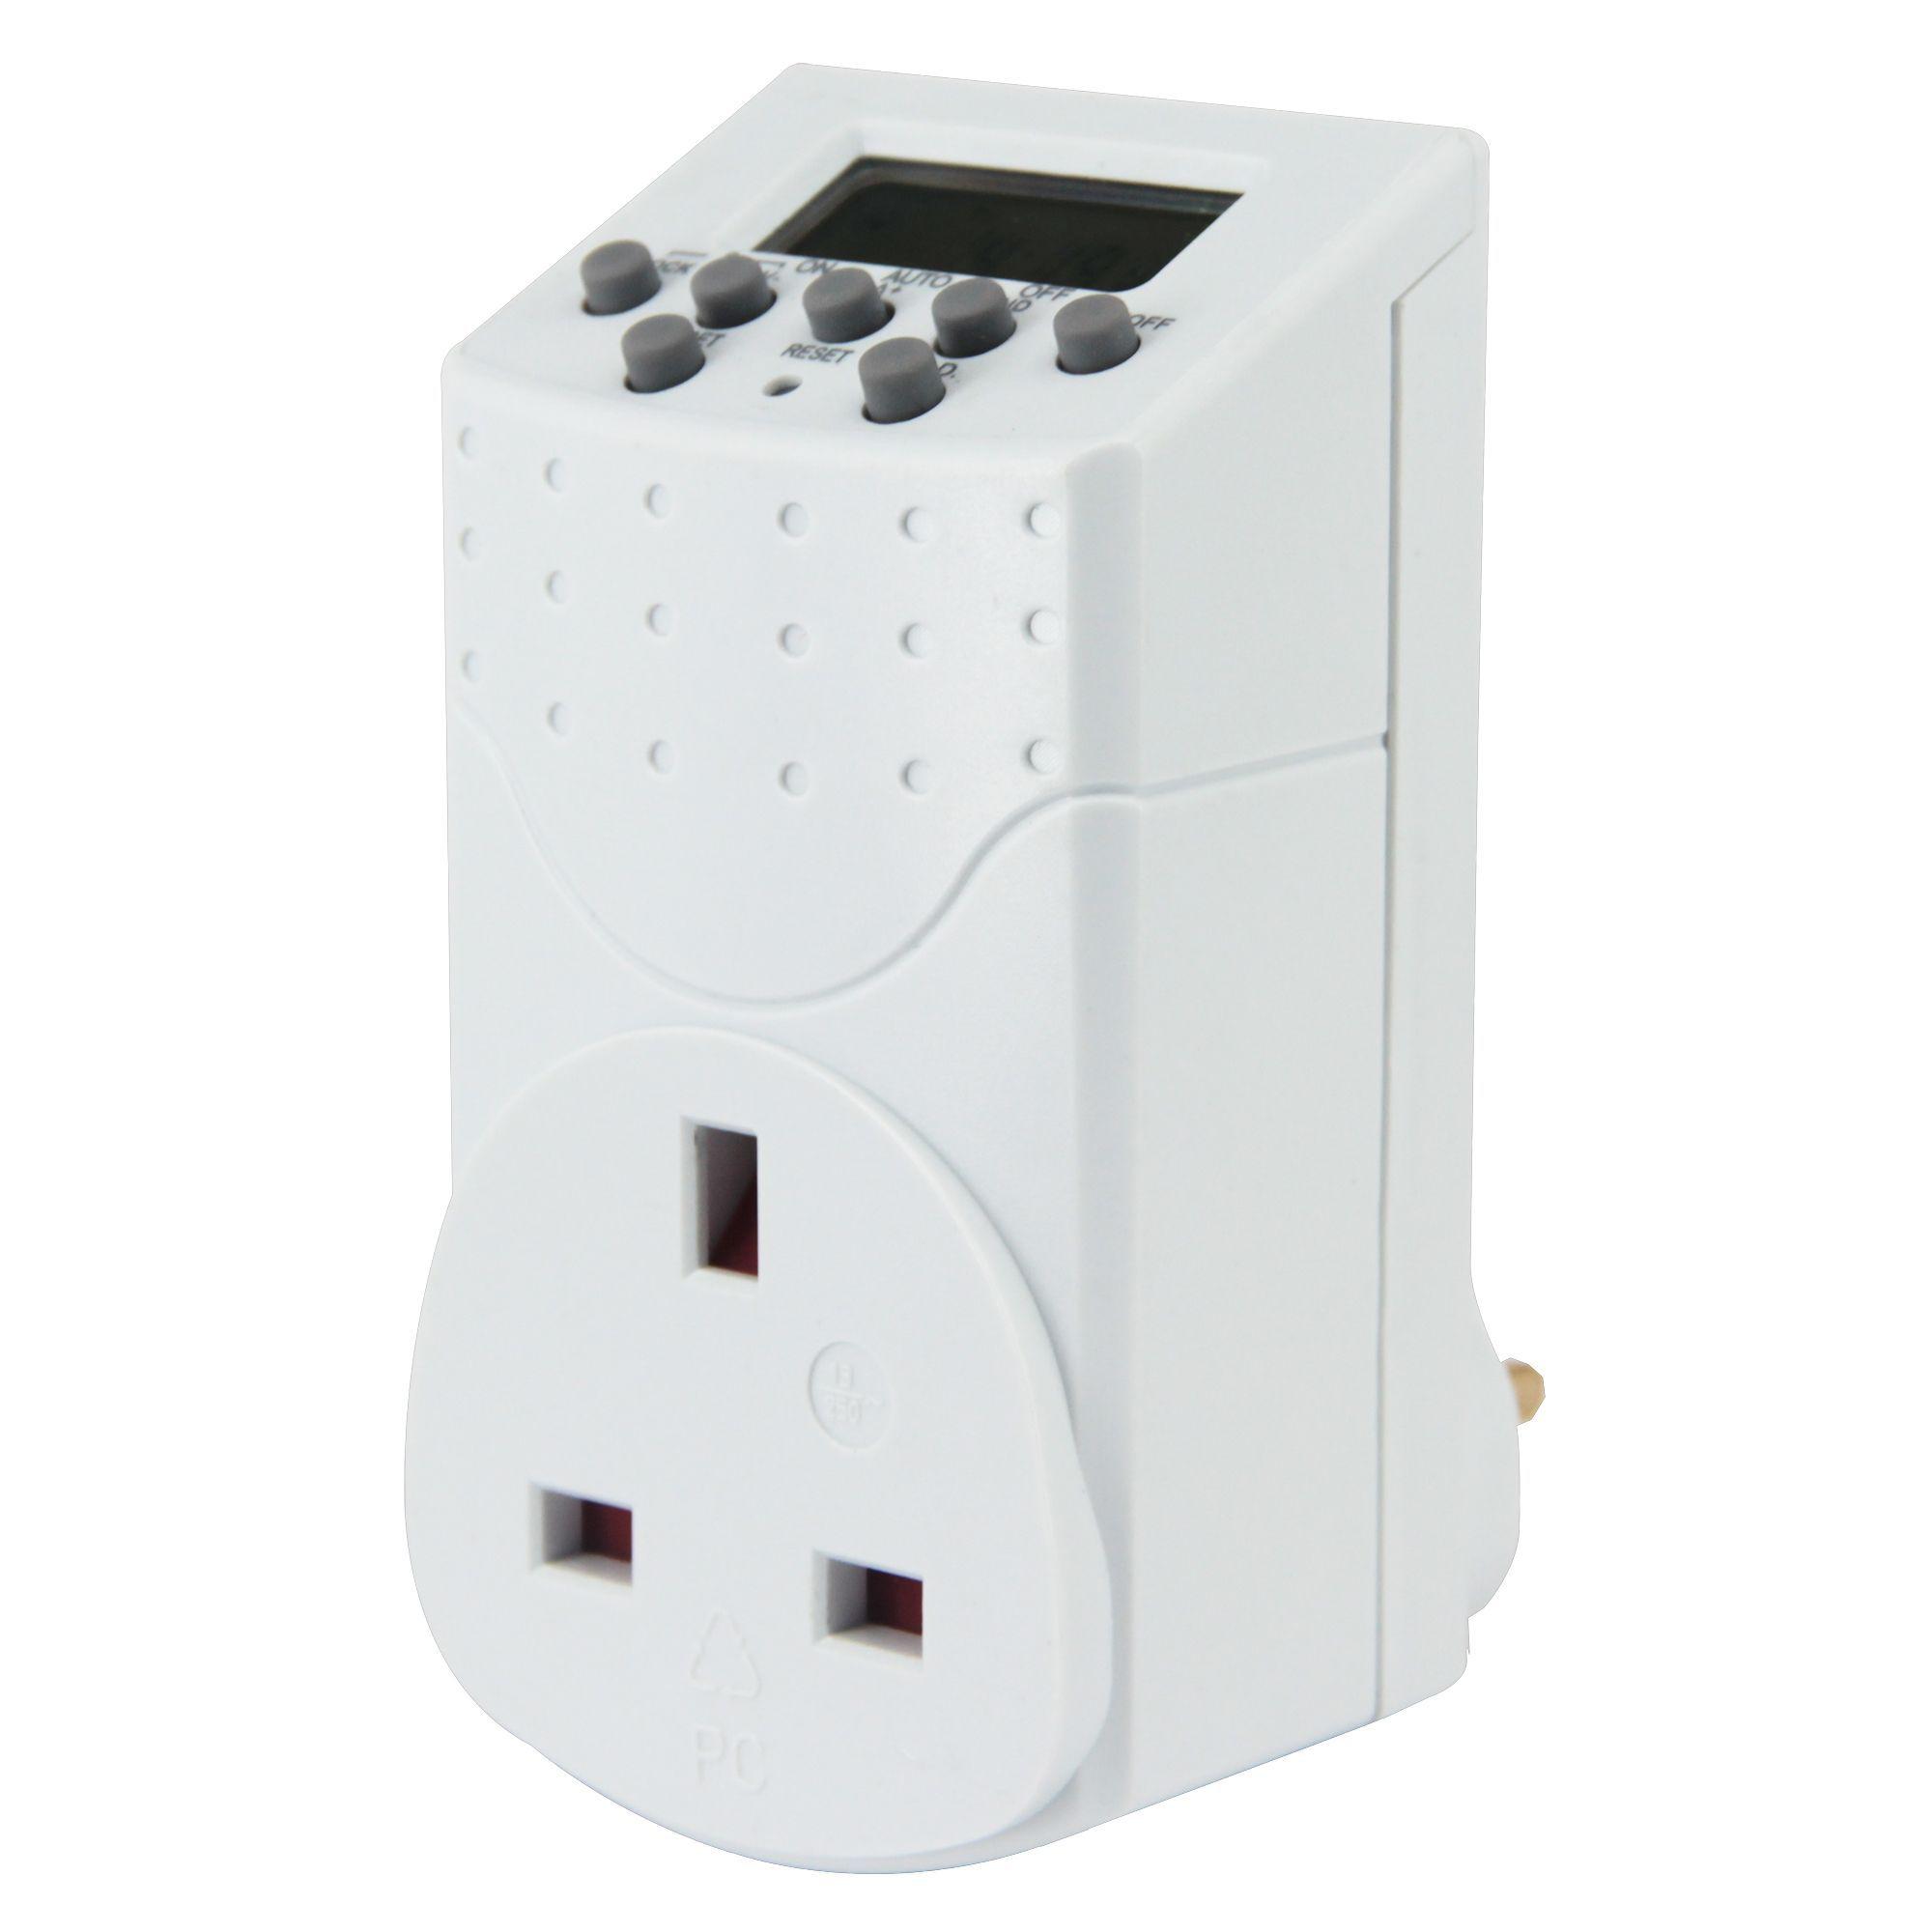 7 Day Electronic Timer Te7-bq Manual - livinout Ge Wiring Diagram on